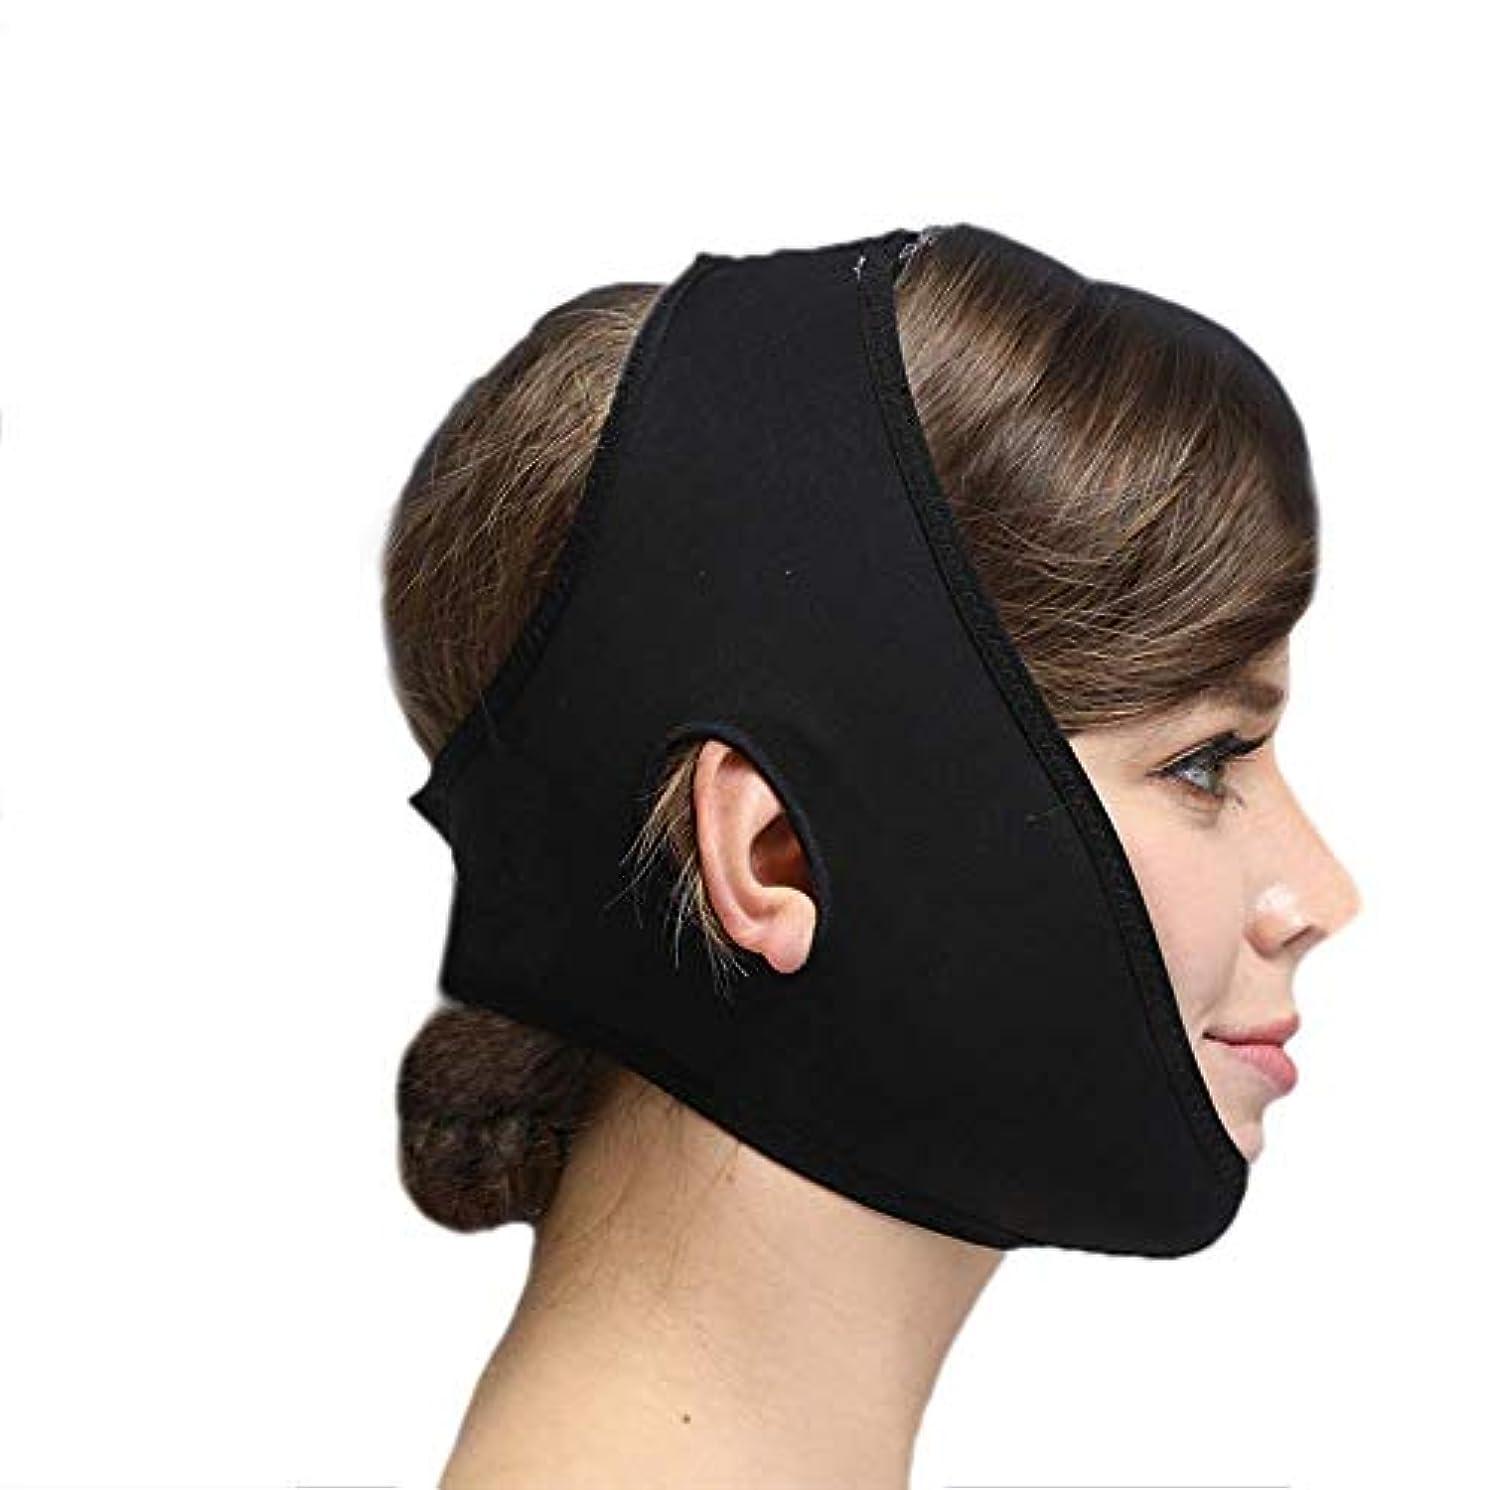 フェイススリミングマスク、快適さと通気性、フェイシャルリフティング、輪郭の改善された硬さ、ファーミングとリフティングフェイス(カラー:ブラック、サイズ:XL),ブラック2、M